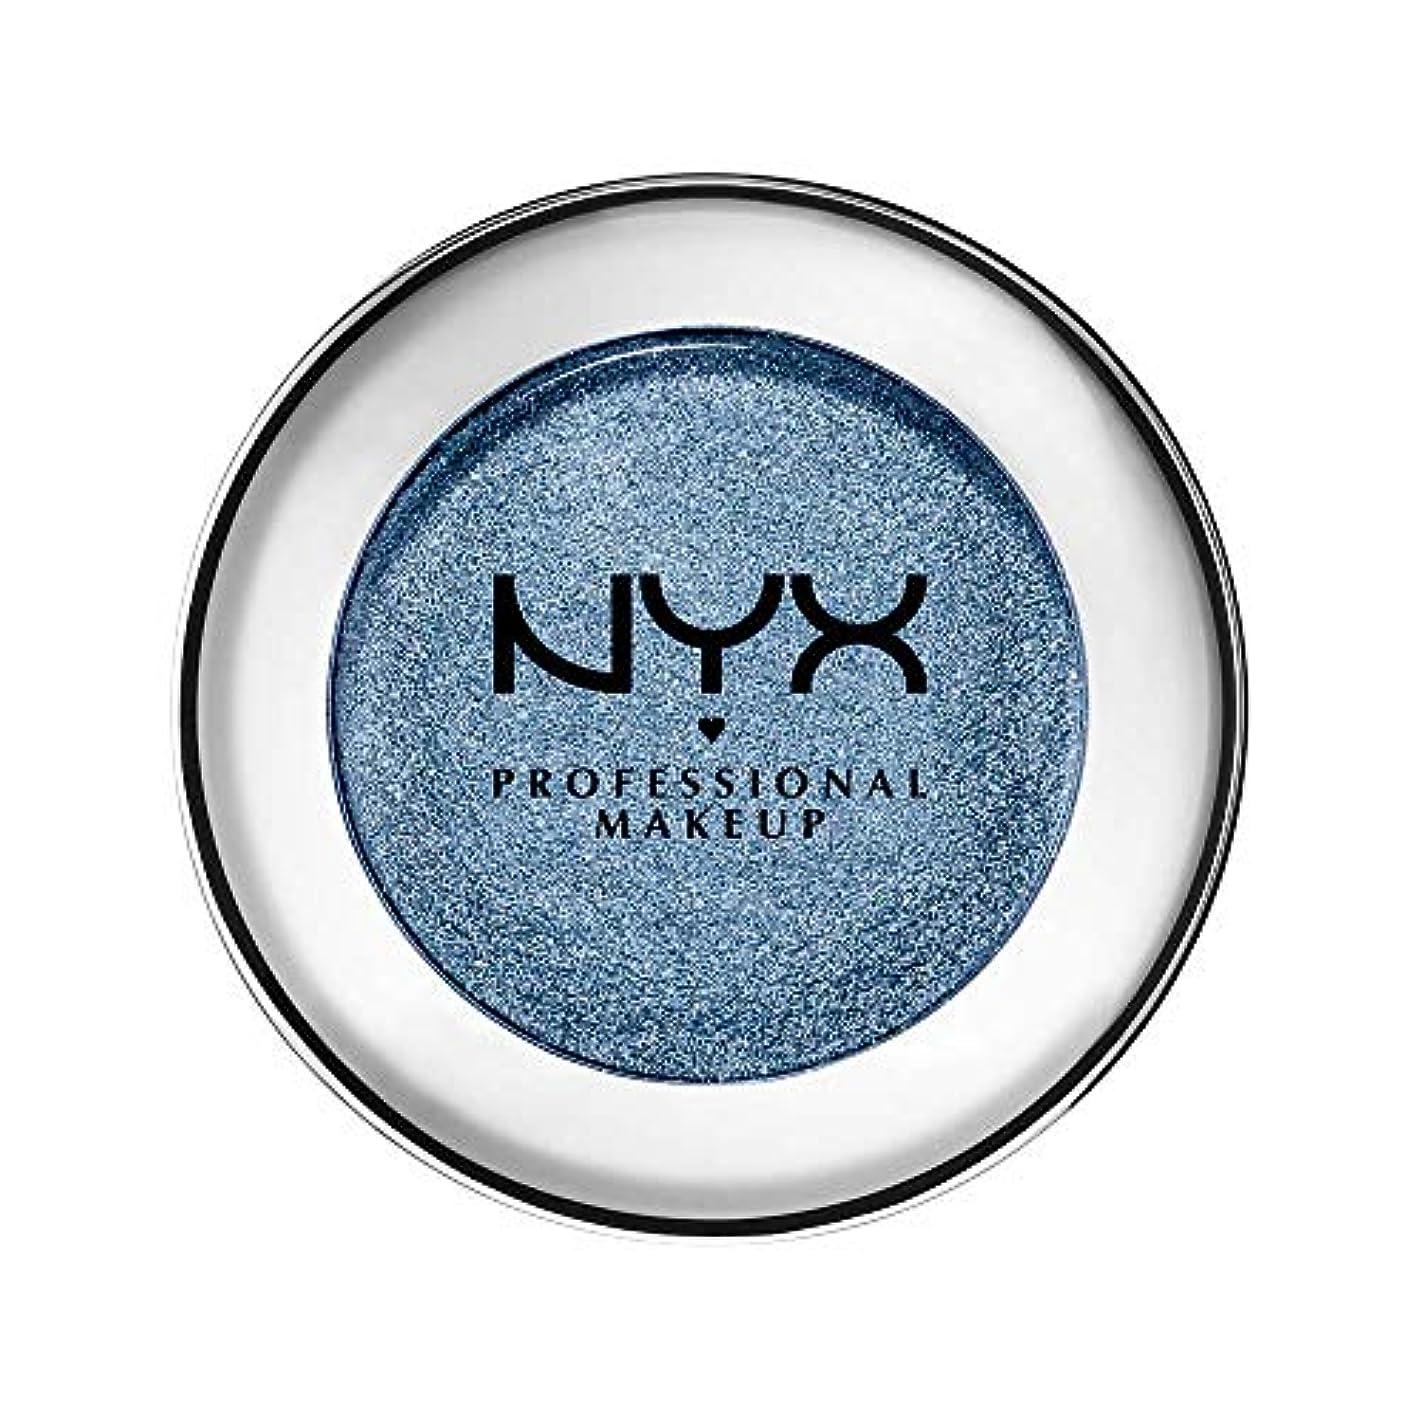 アジャメタリック無力NYX(ニックス) プリズマ シャドウ 08 カラーブルー ジーンズ